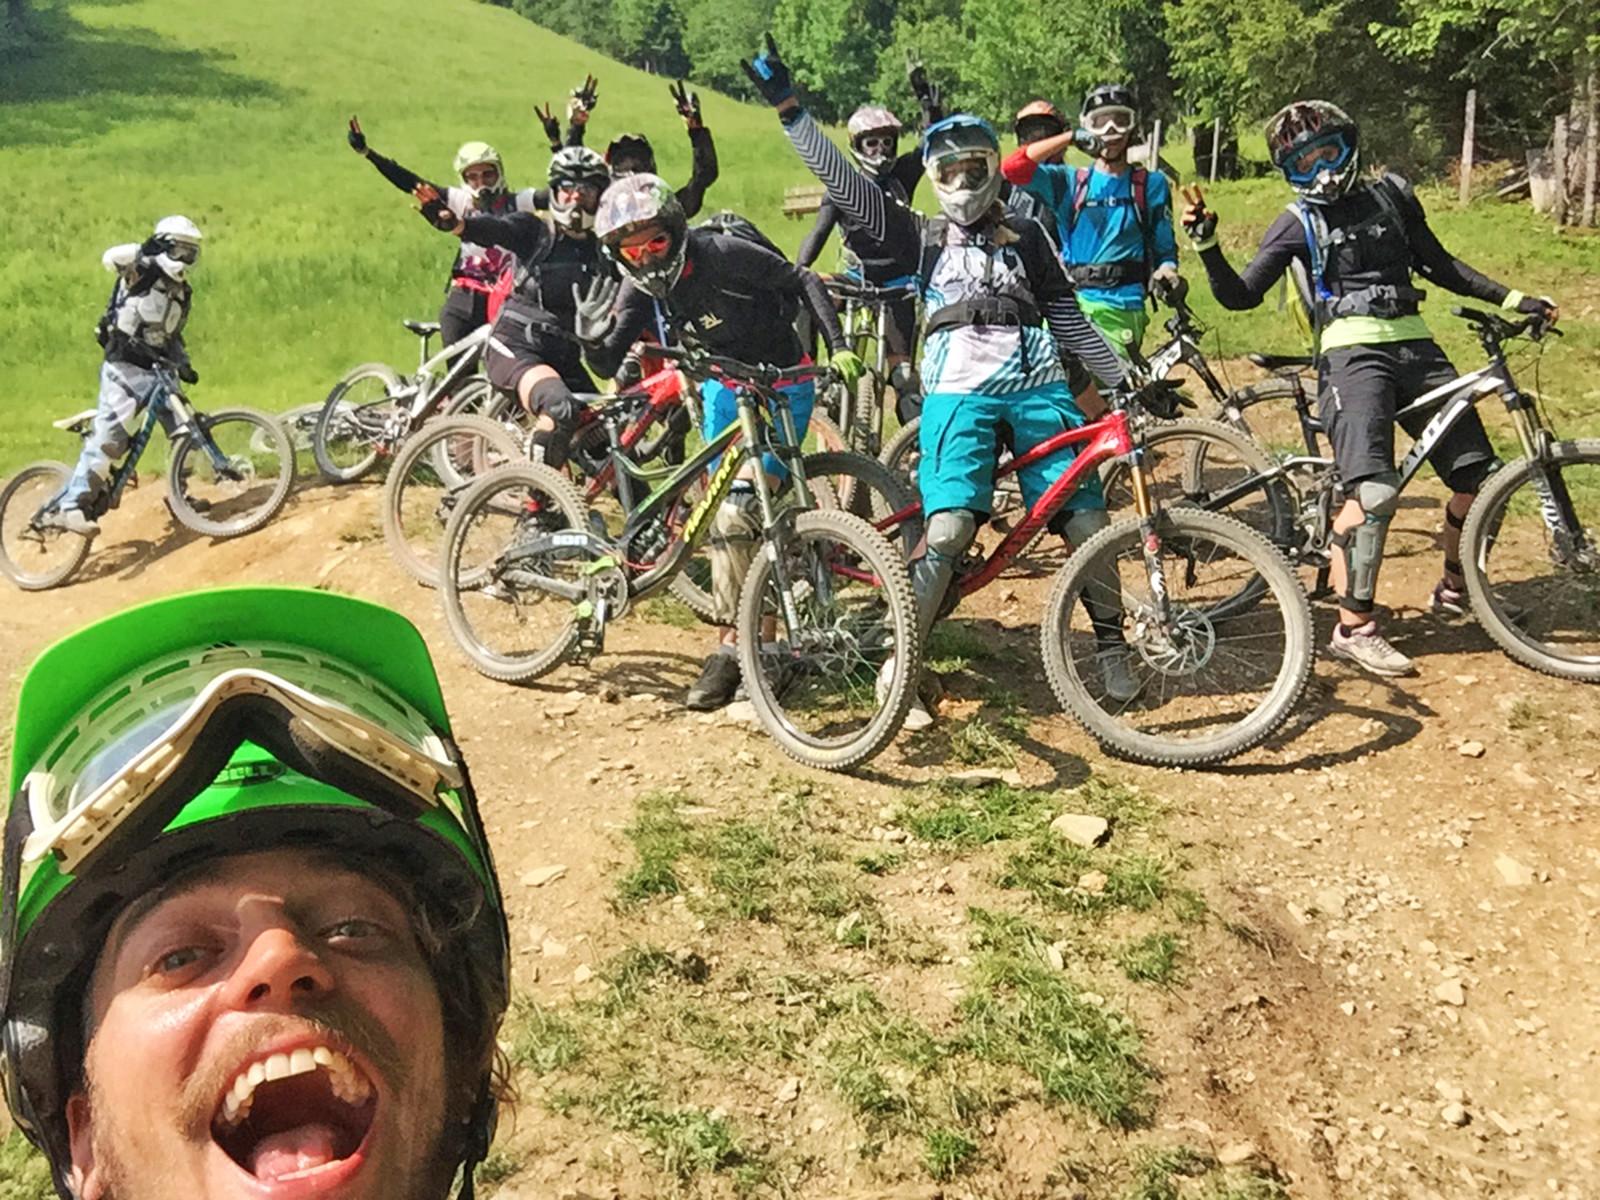 Wir wollen Spaß: Trainer Eno Mendoza macht ein Selfie und ja, das im Hintergrund sind tatsächlich alles Frauen.